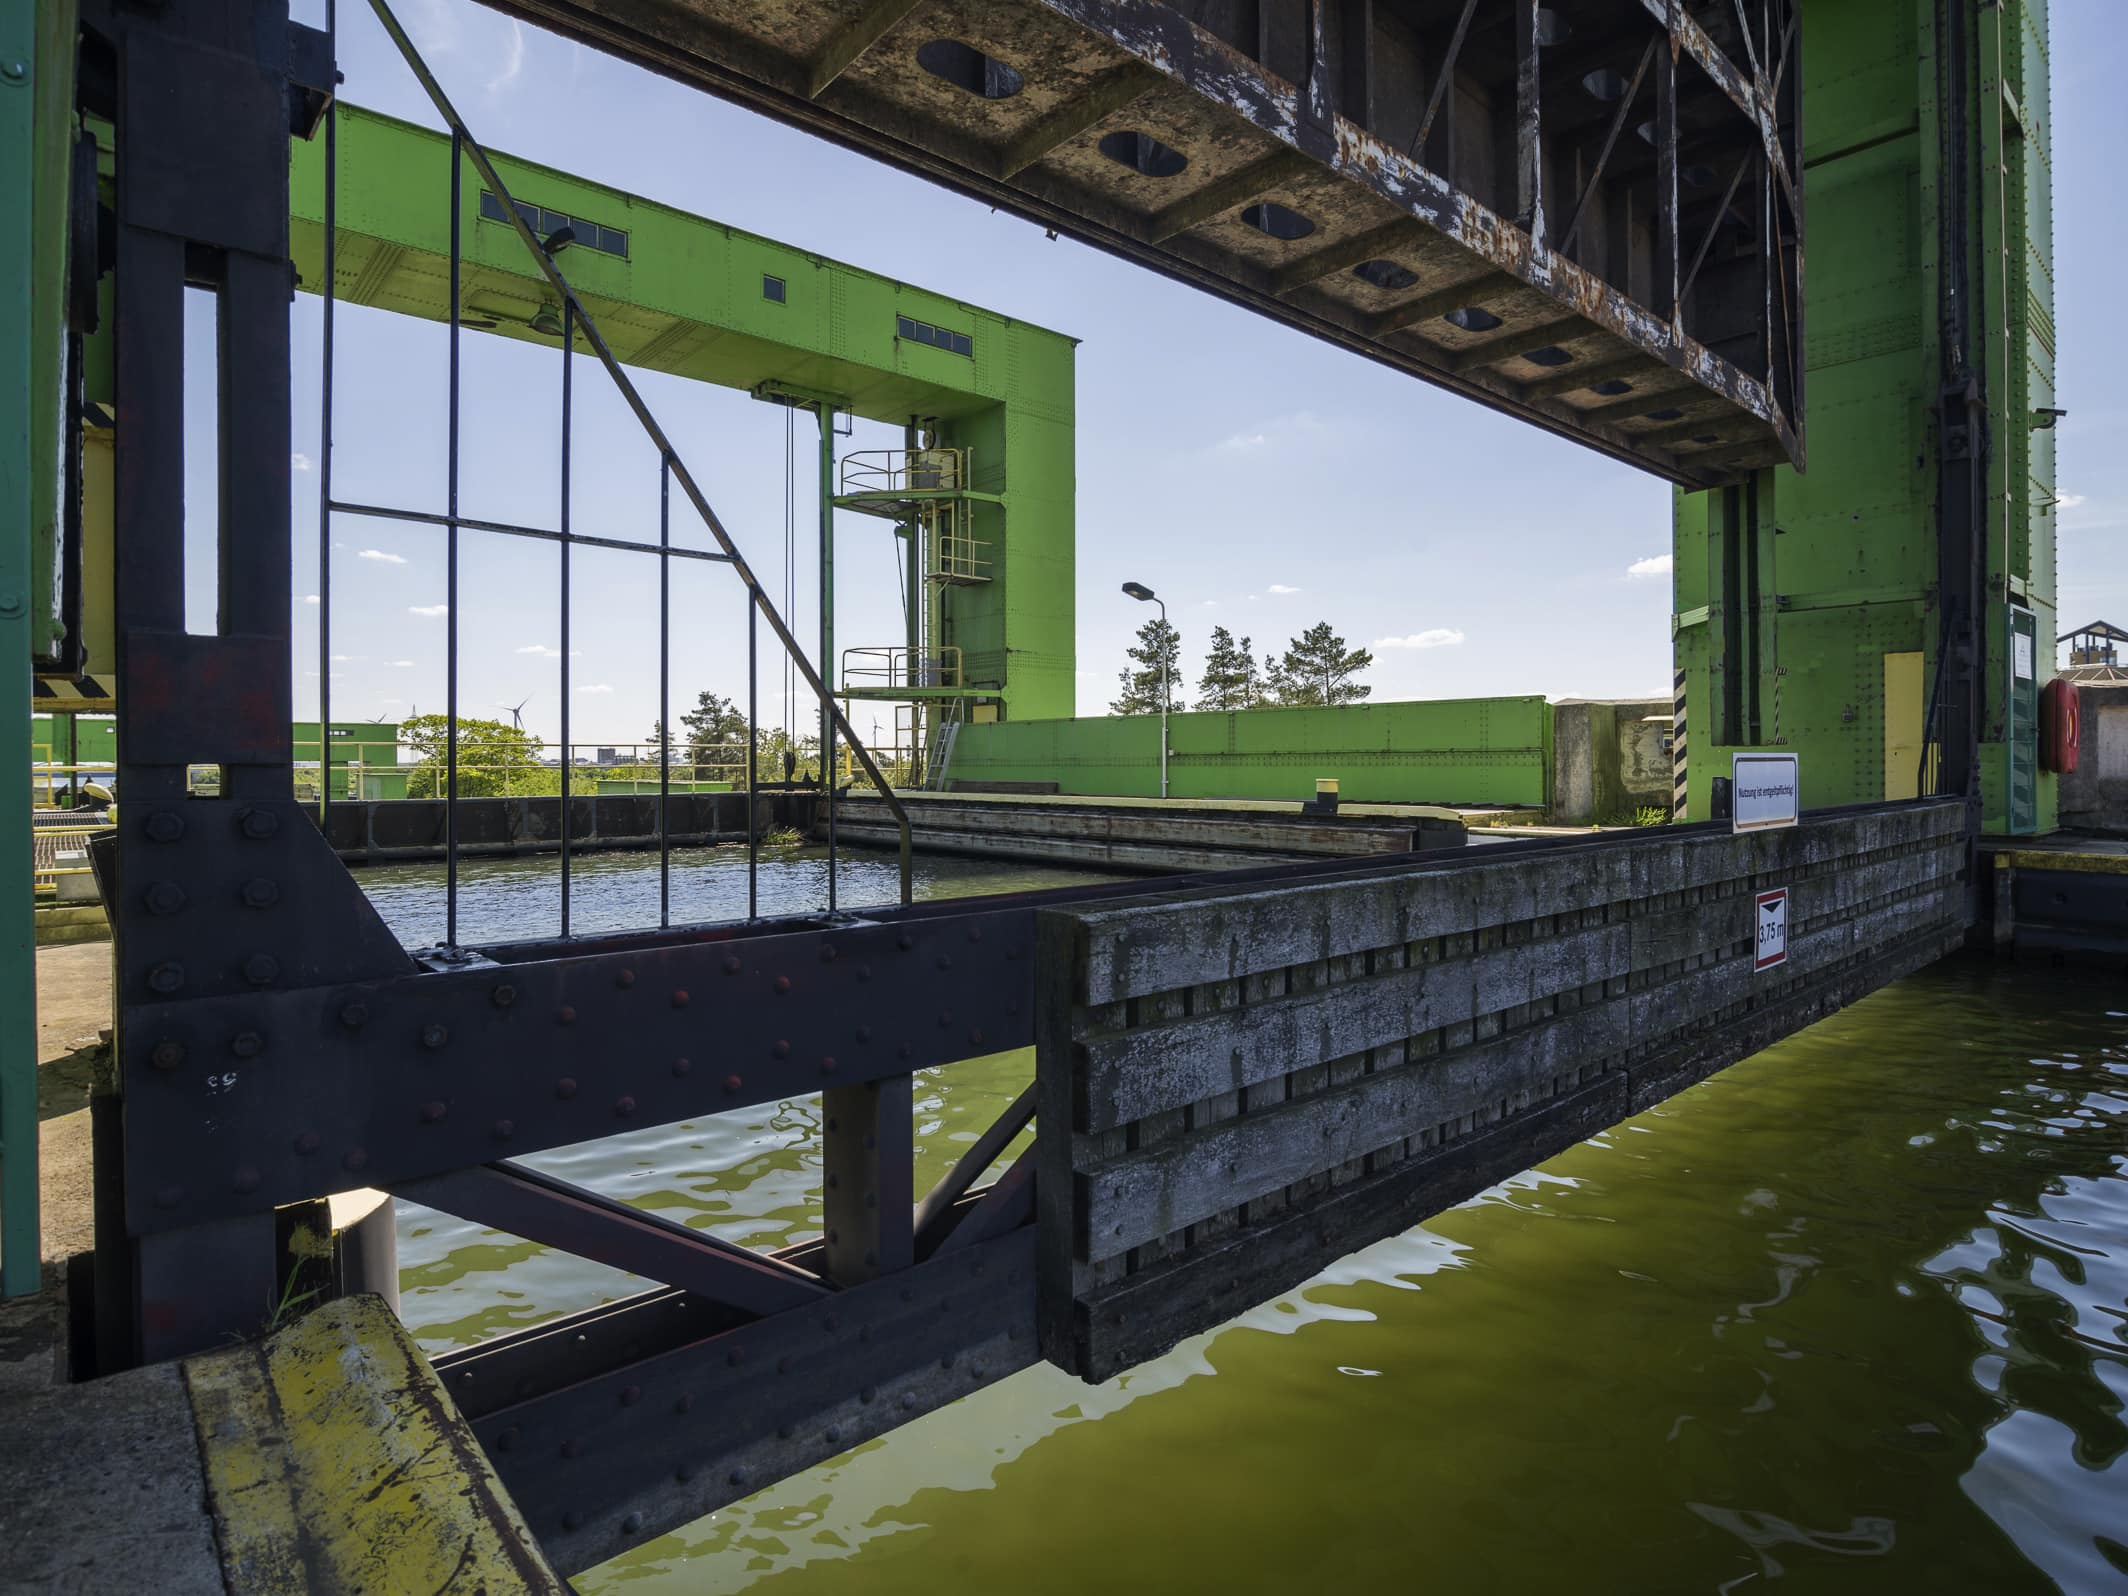 Industriekultur – Schiffshebewerk Magdeburg-Rothensee